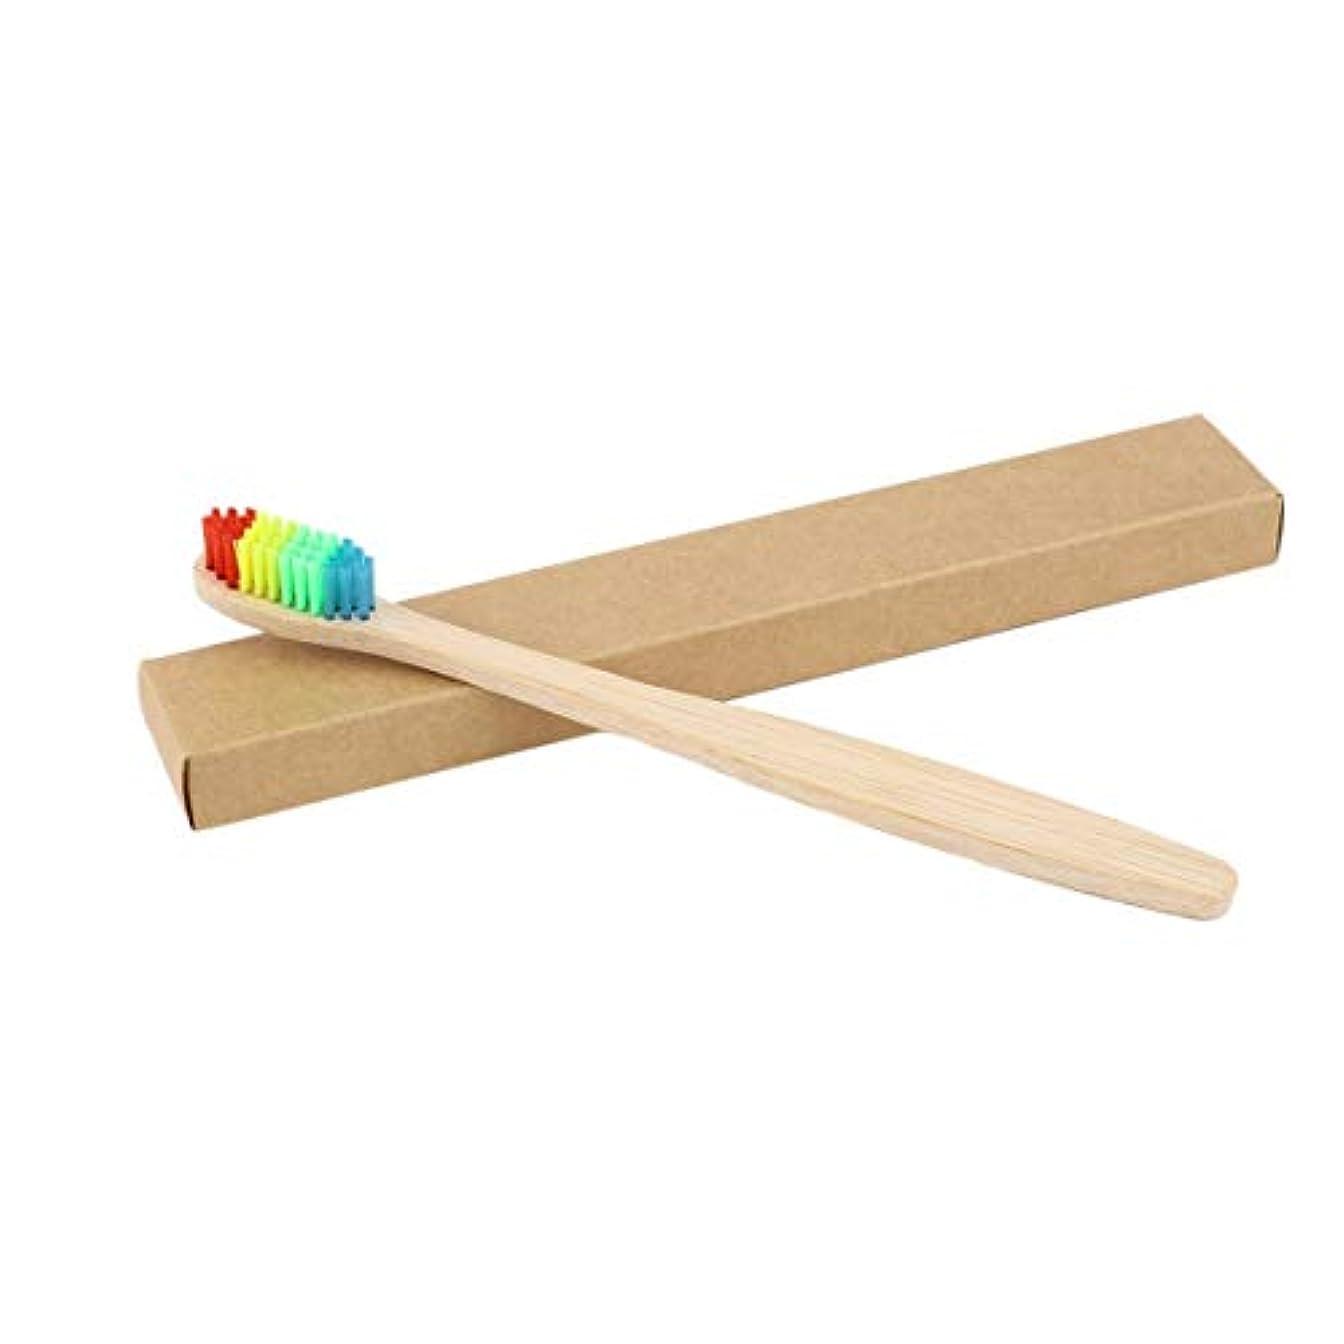 結び目小さな汚染されたカラフルな髪+竹のハンドル歯ブラシ環境木製の虹竹の歯ブラシオーラルケアソフト剛毛ユニセックス - ウッドカラー+カラフル